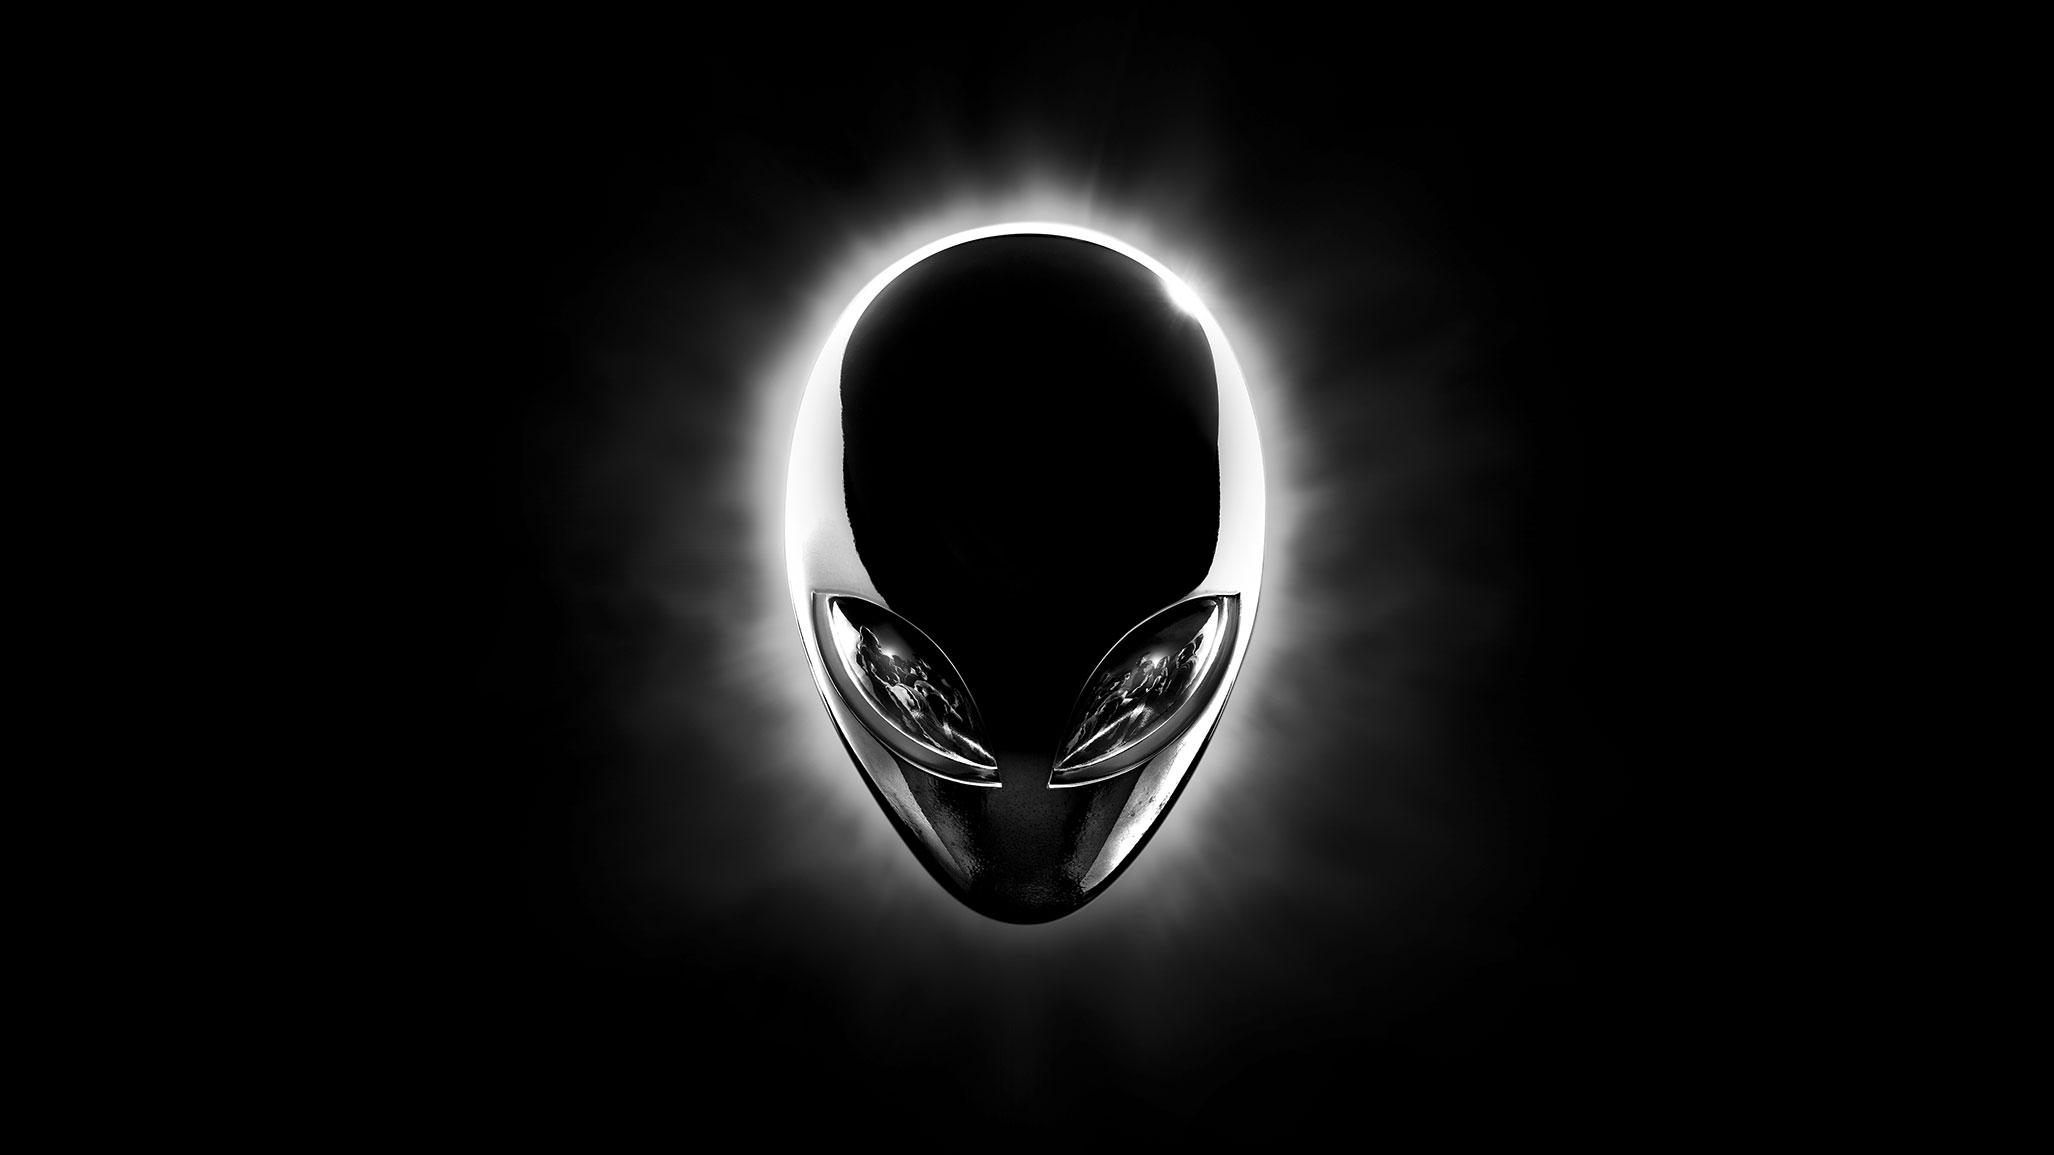 Download Alienware wallpapers Alienware Arena [2054x1155] | 50+